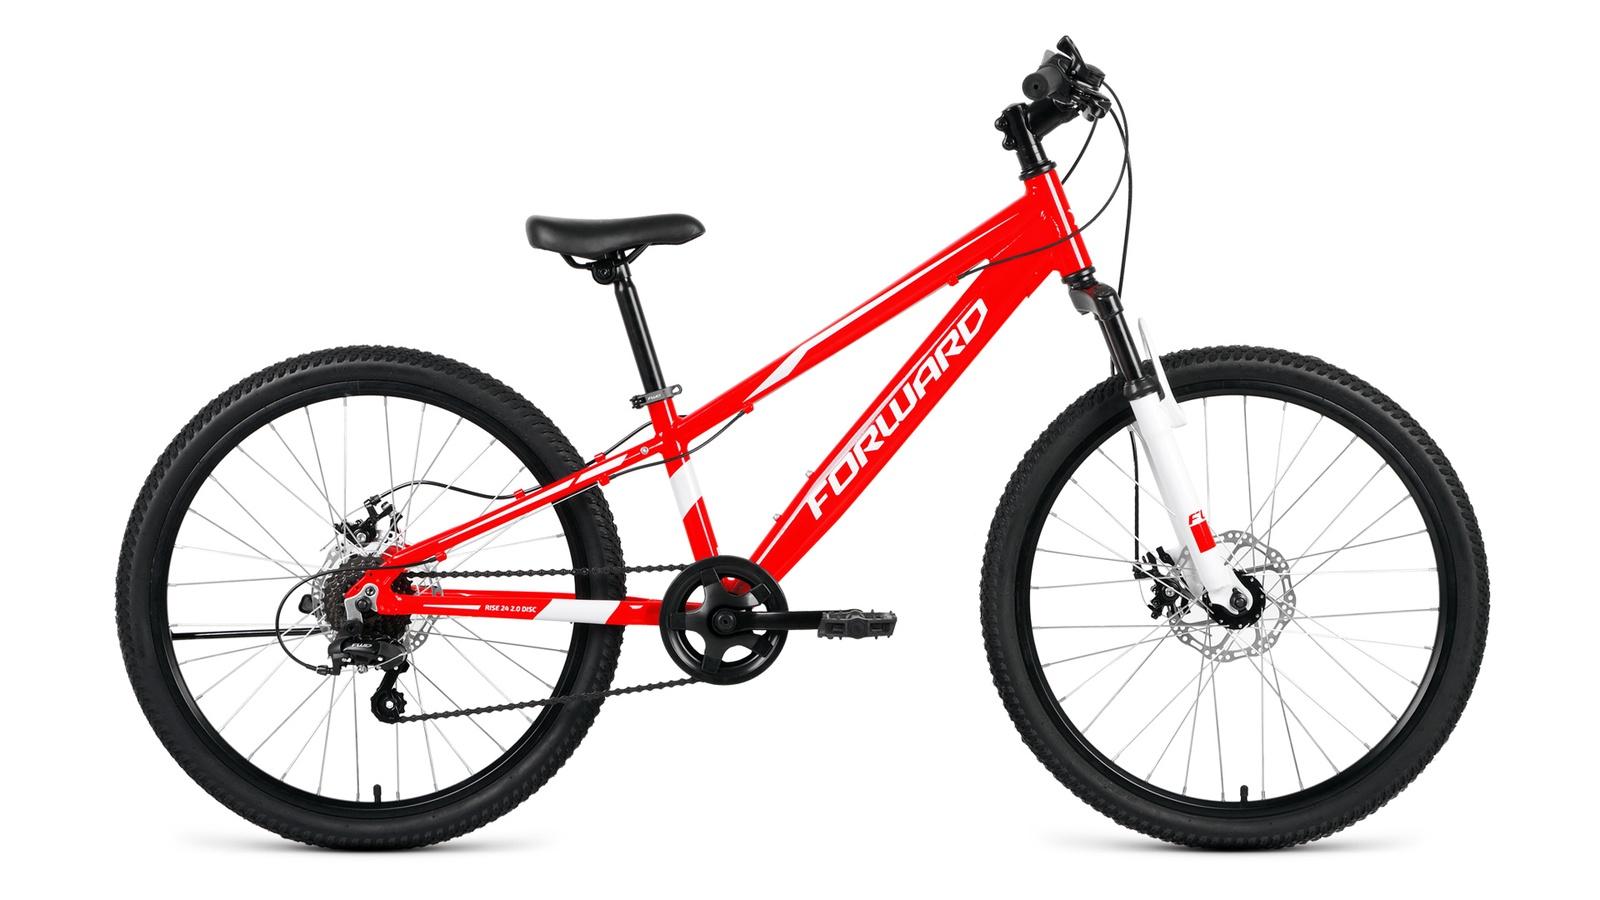 Велосипед Forward Rise 24 2.0 disc, красный, белый велосипед giant escape 2 disc 2019